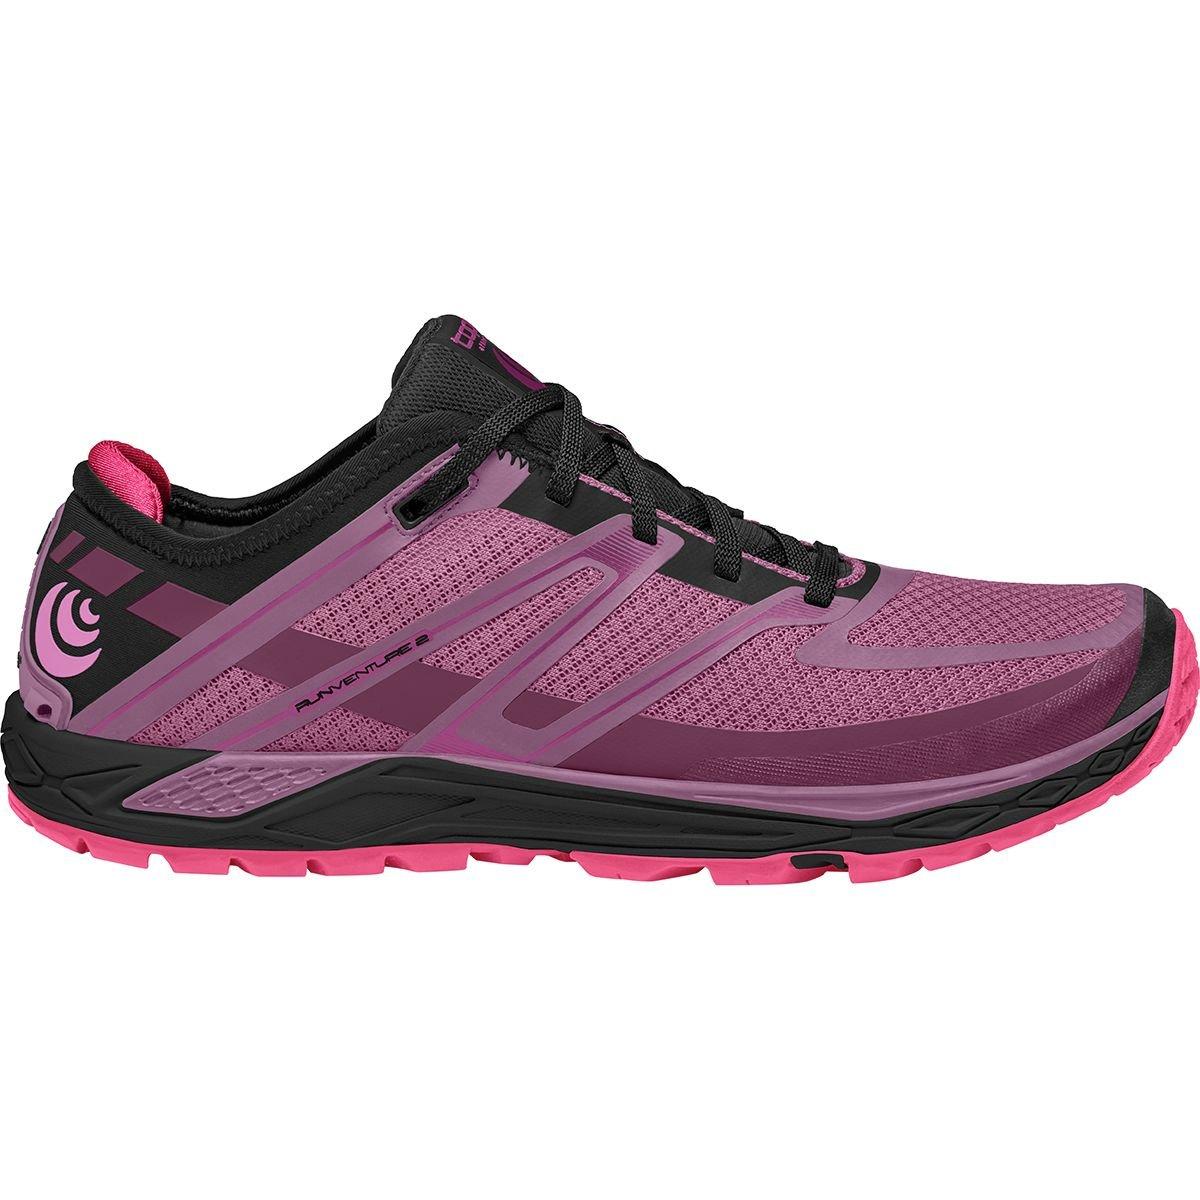 人気の春夏 [トポアスレチック] Runventure レディース Trail ランニング Runventure 2 Trail Running Running Shoe [並行輸入品] B07G48VLGT 9.5, 囲碁ラボJAPAN:f1c89098 --- sabinosports.com